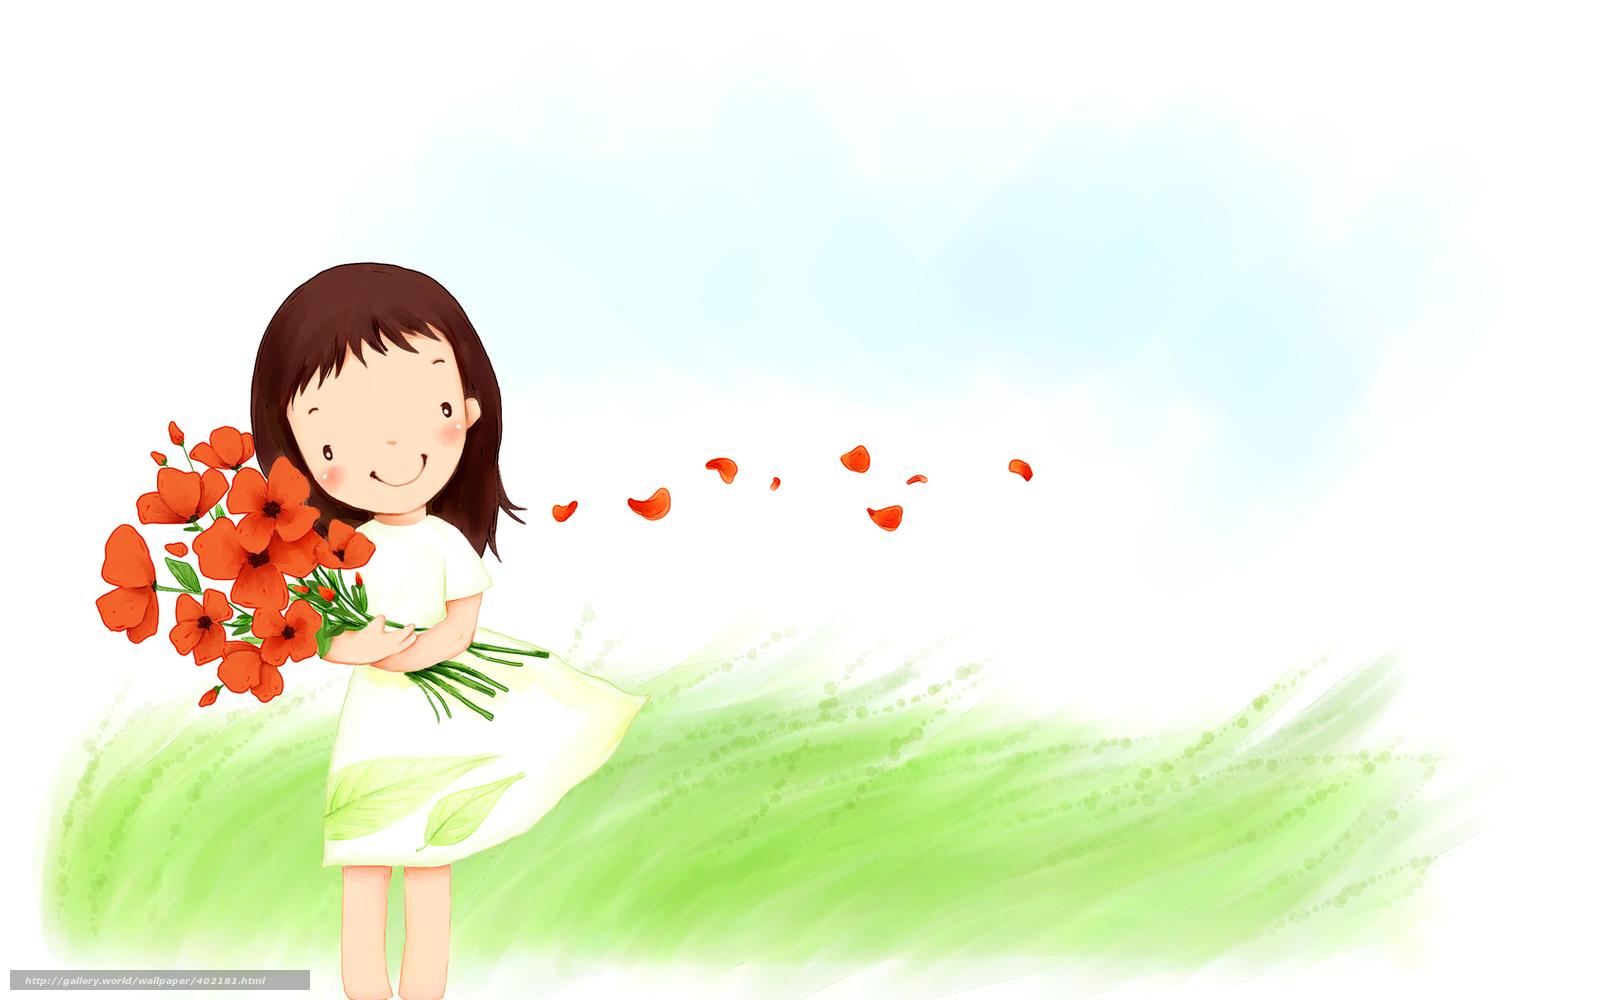 tlcharger fond d 39 ecran enfants papier peint fille bouquet fleurs fonds d 39 ecran gratuits pour. Black Bedroom Furniture Sets. Home Design Ideas